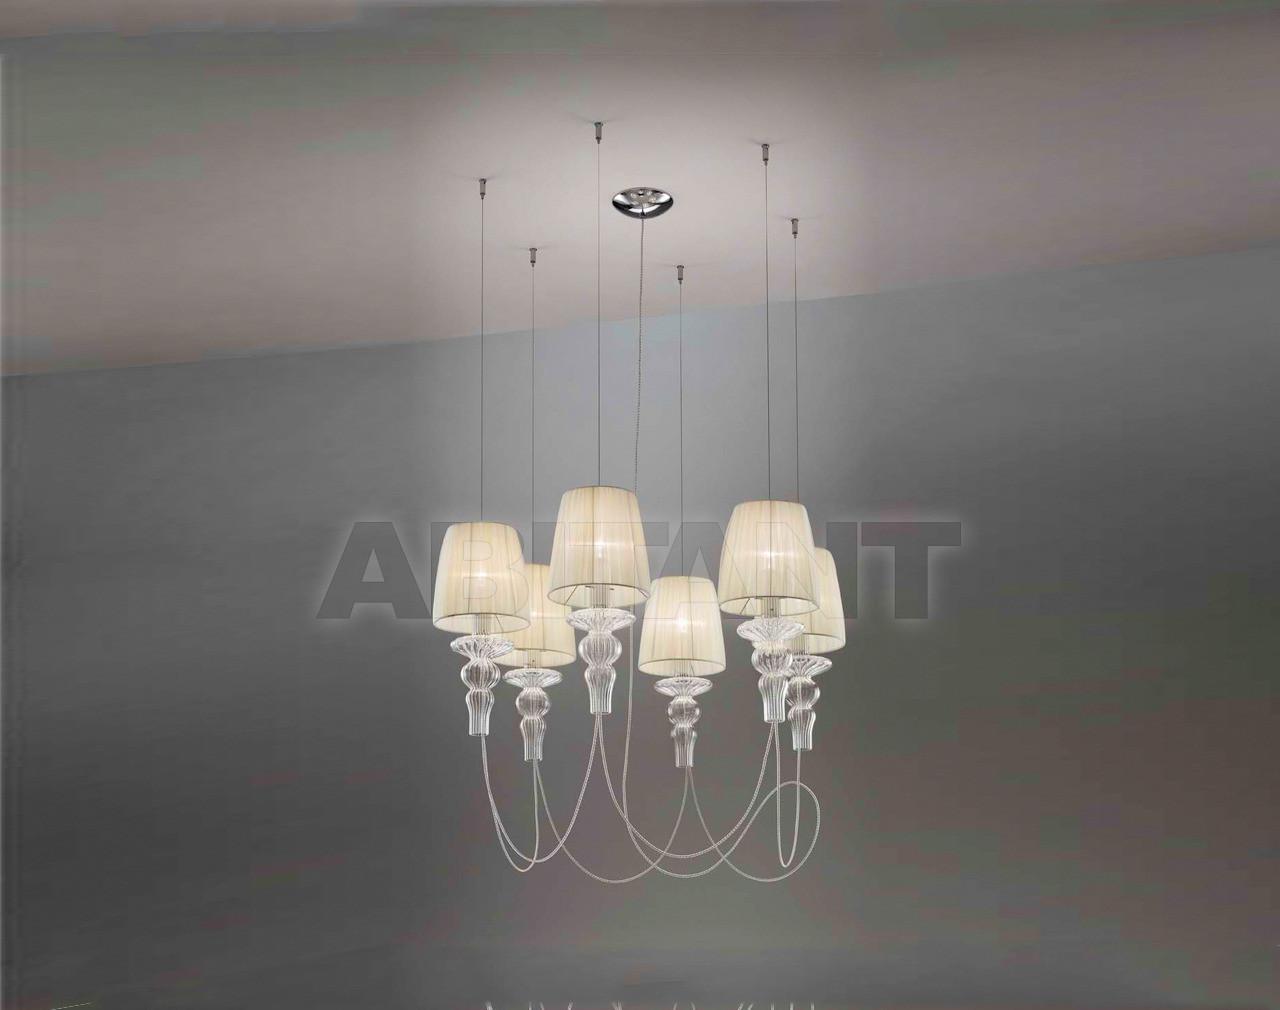 Купить Люстра Luci Italiane (Evi Style, Morosini) Evi Style ES0601SO04AVAL 1